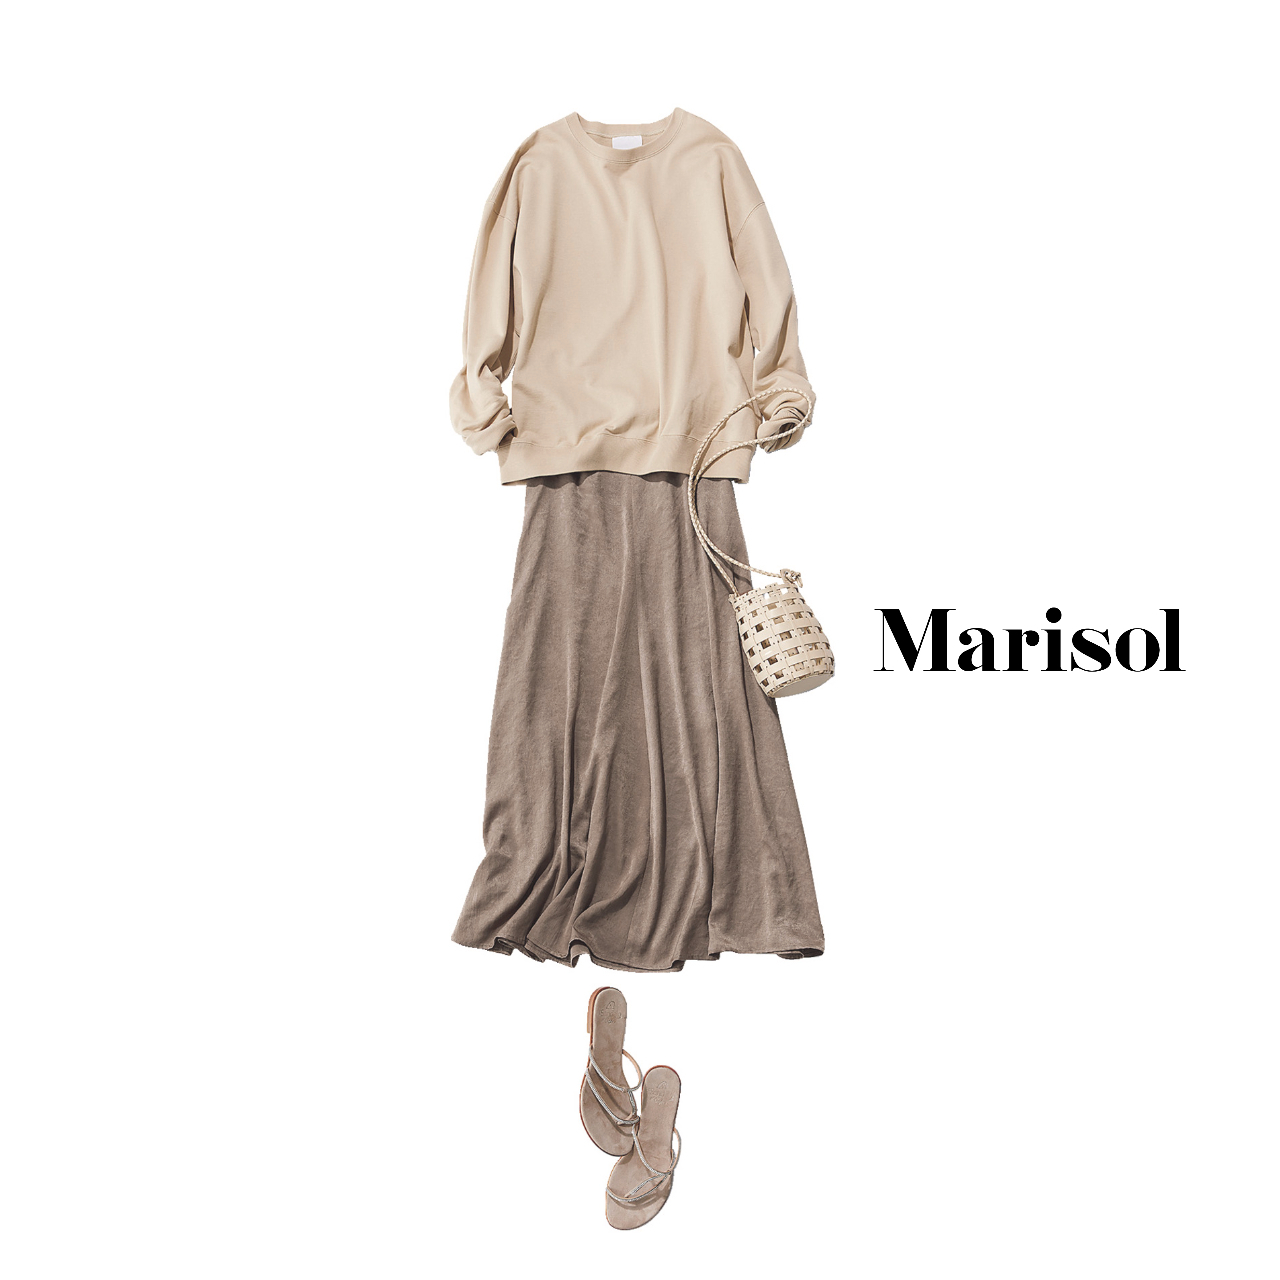 40代ファッション  スウェット×とろみサテンフレアスカート×サンダルコーデ